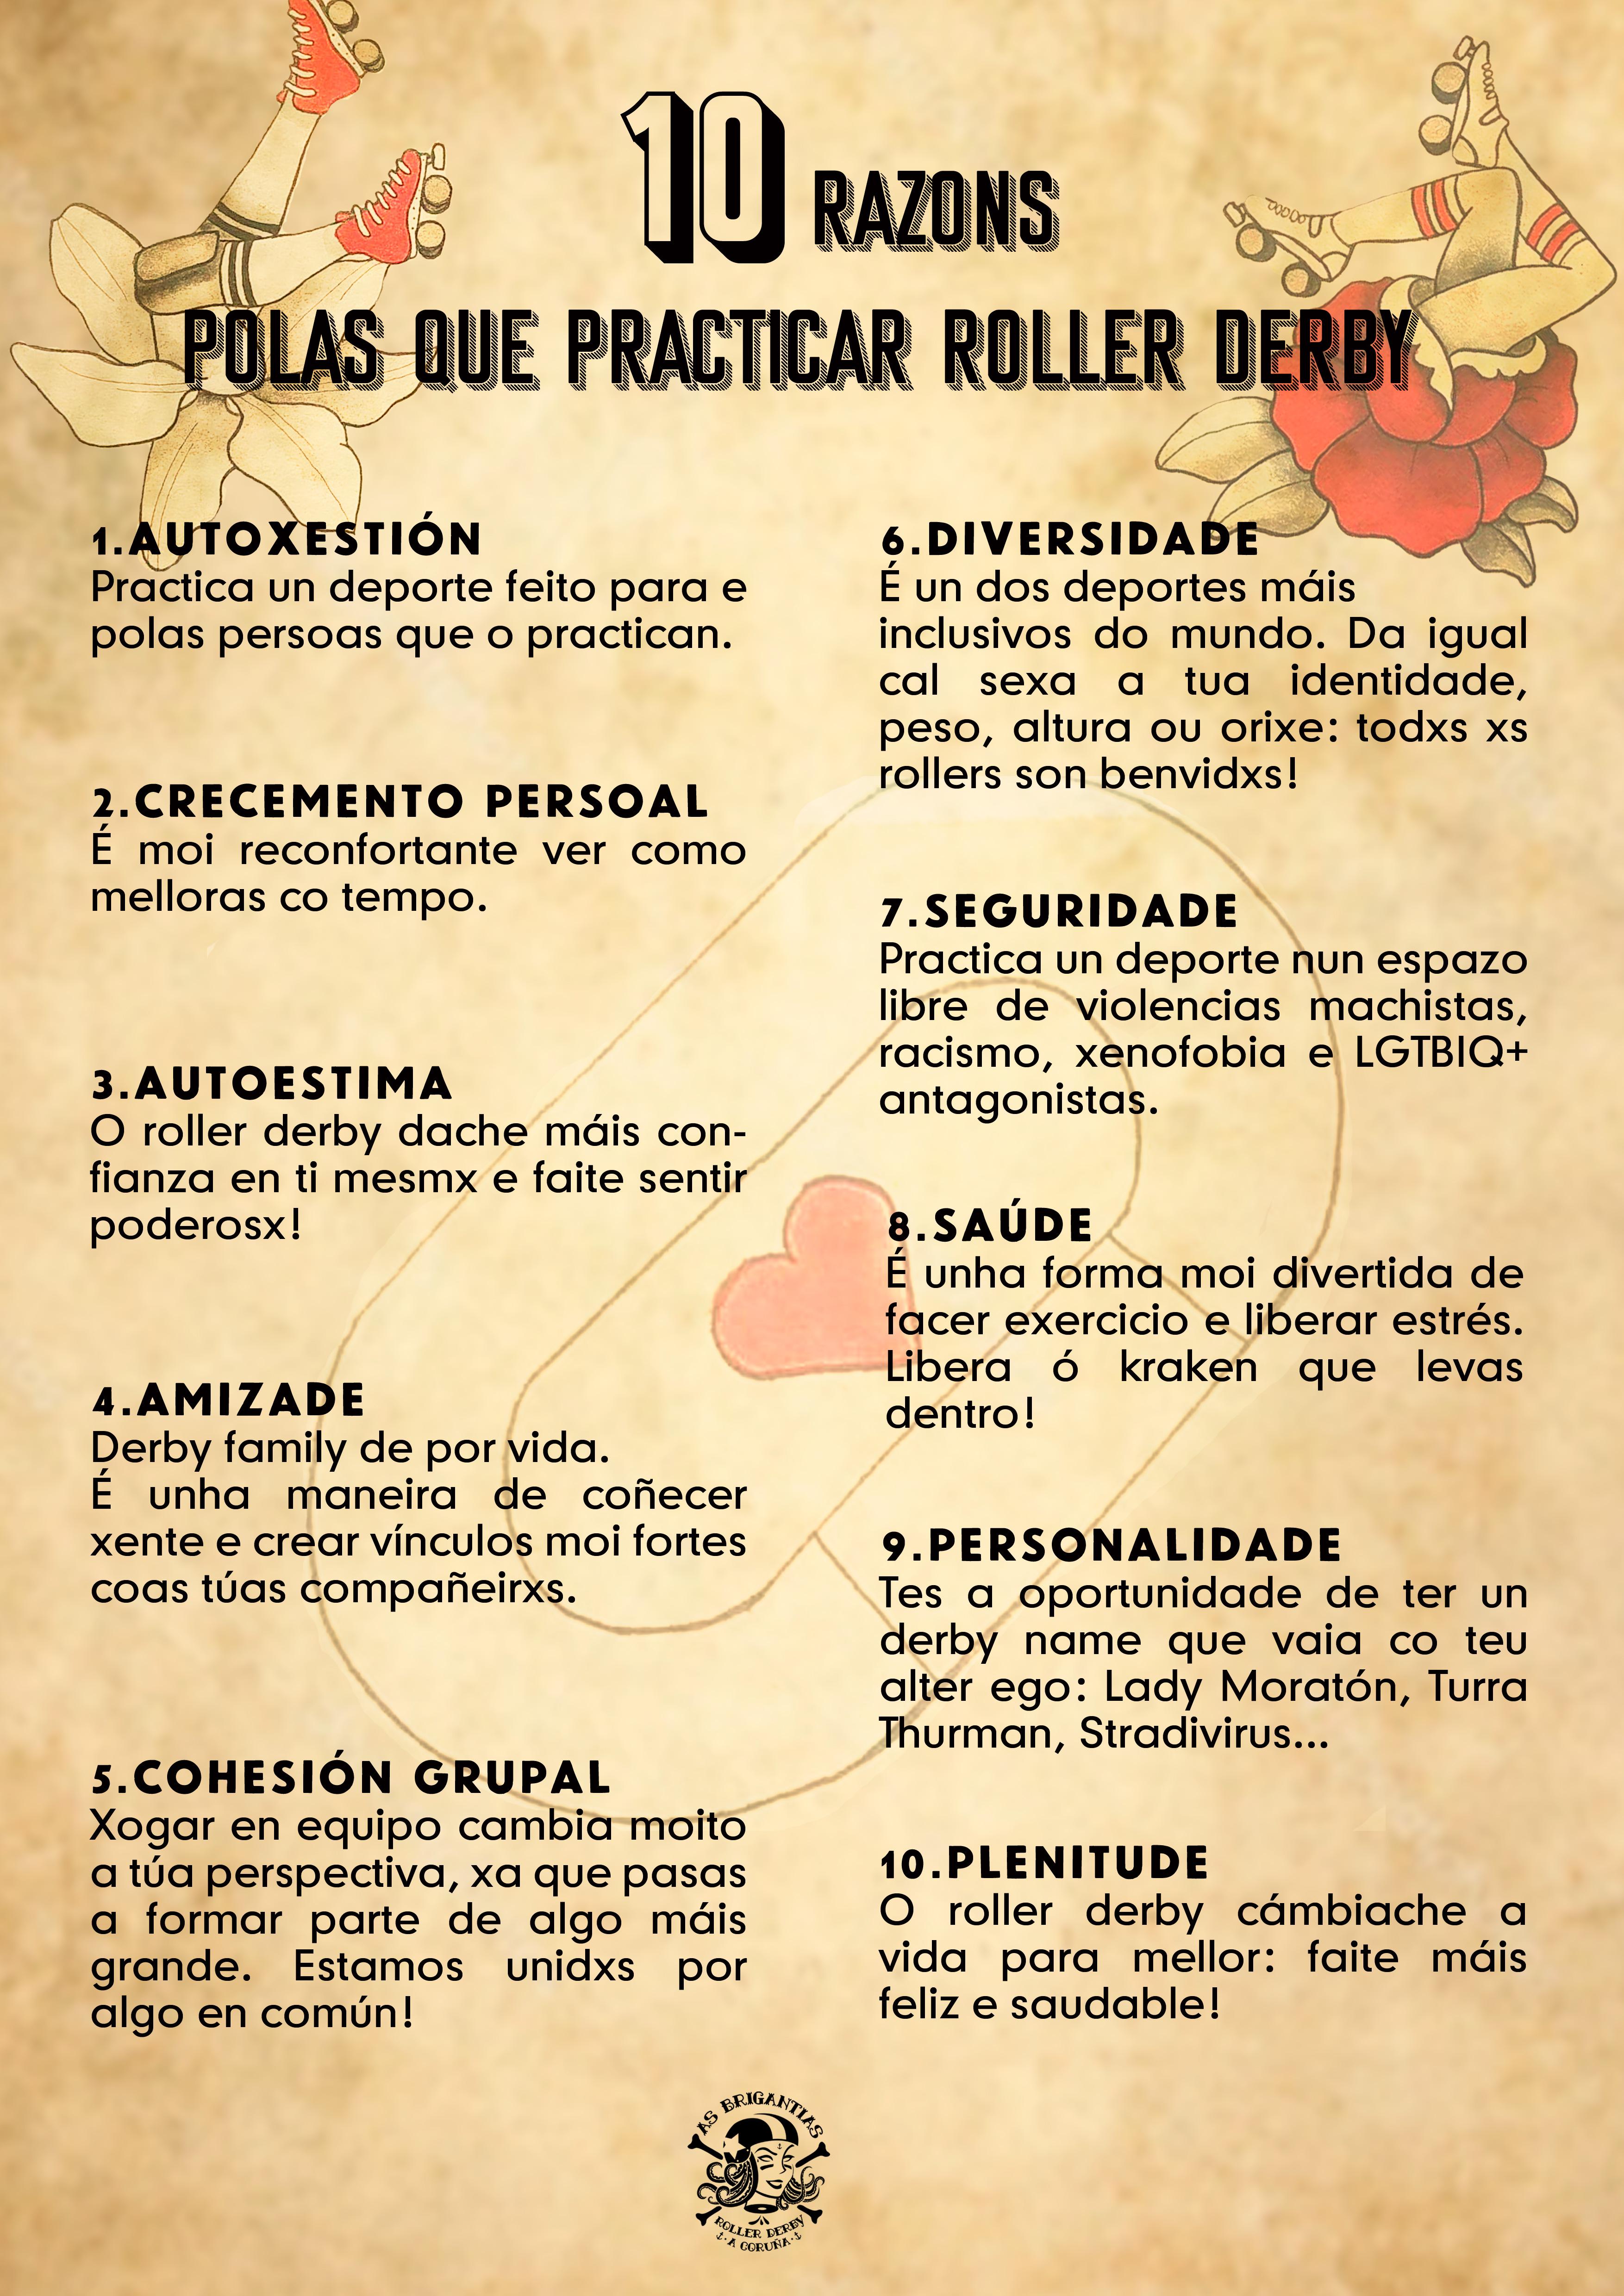 Os 10 beneficios do Roller Derby / AS BRIGANTIAS